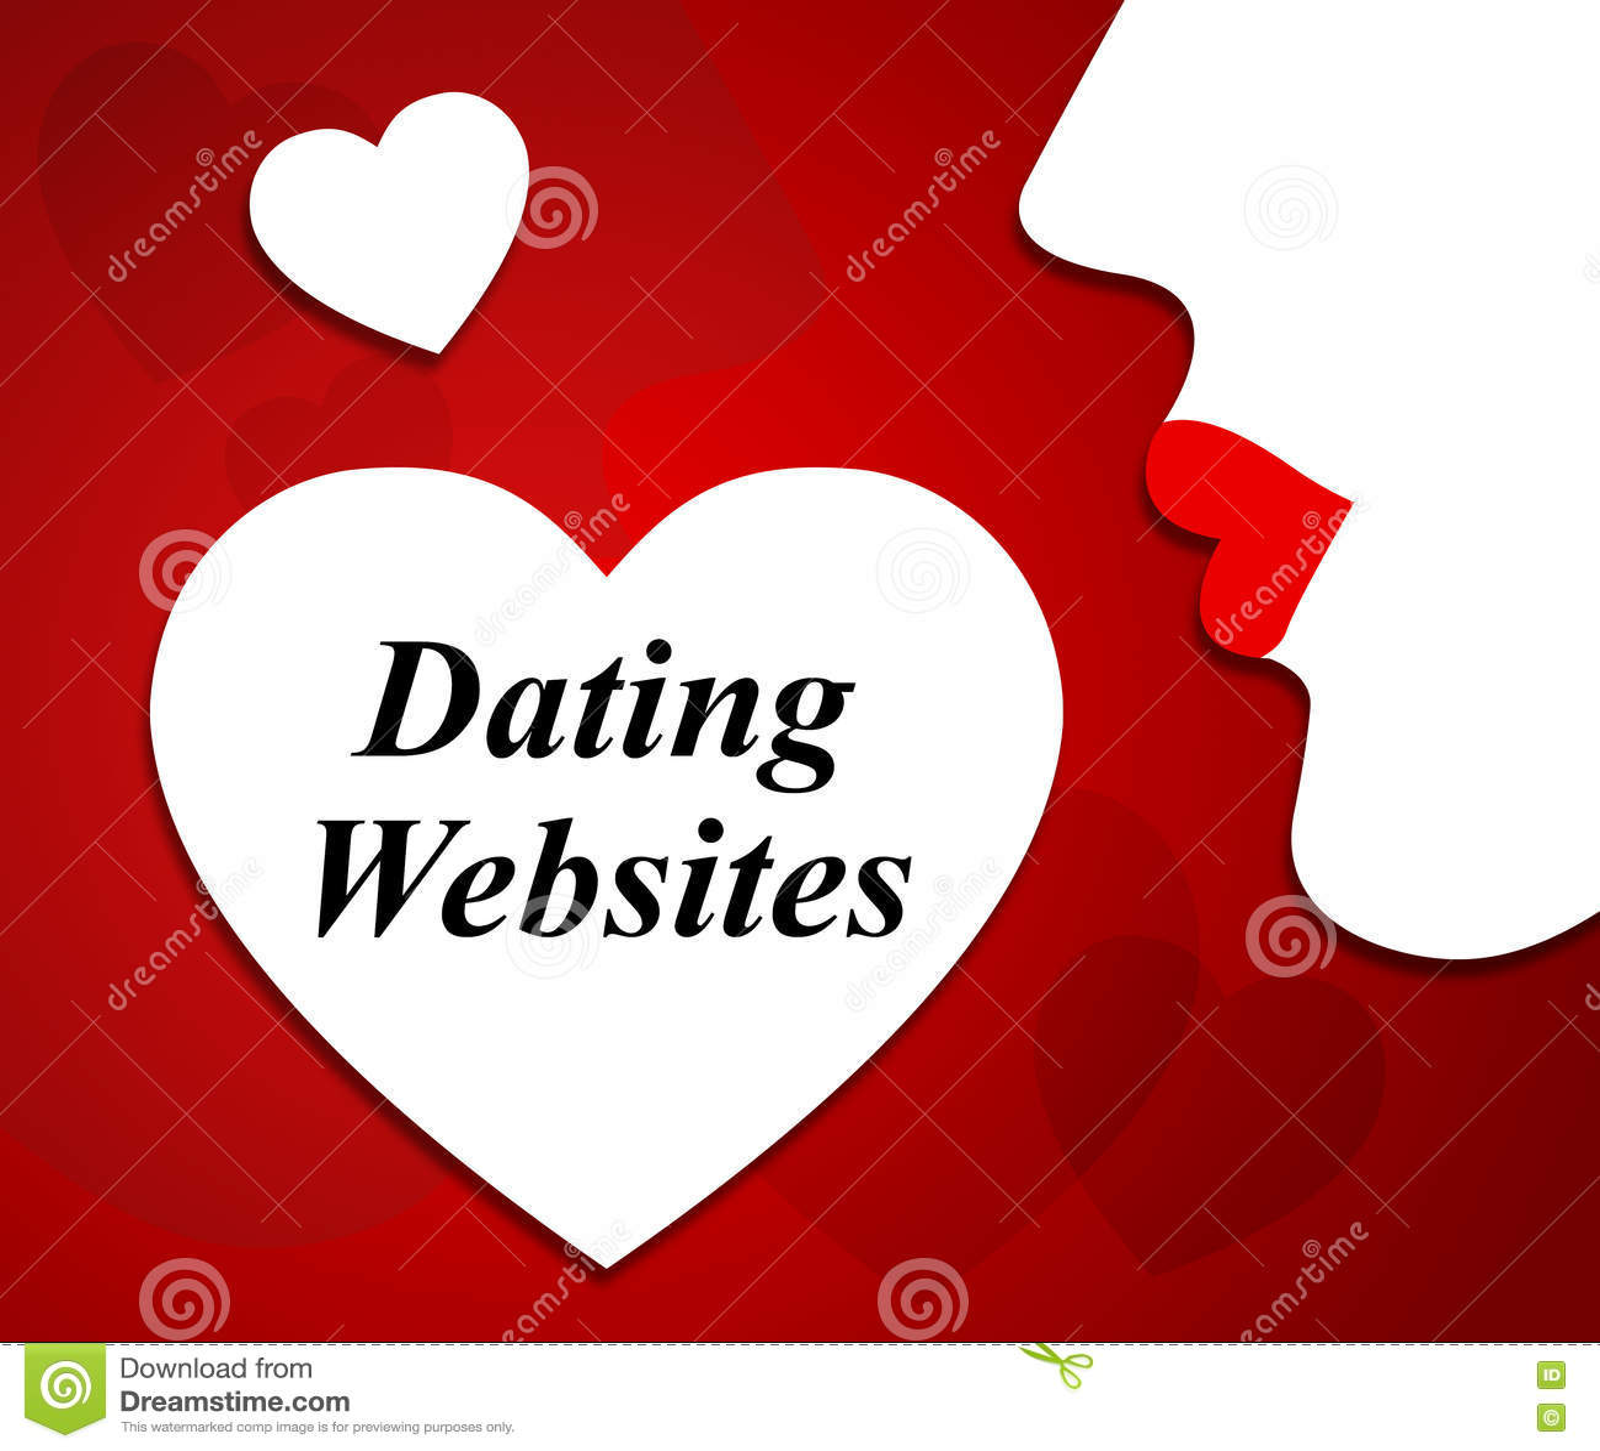 sites Web pour la datation en noir et blanc qui est Briana Evigan datant 2013